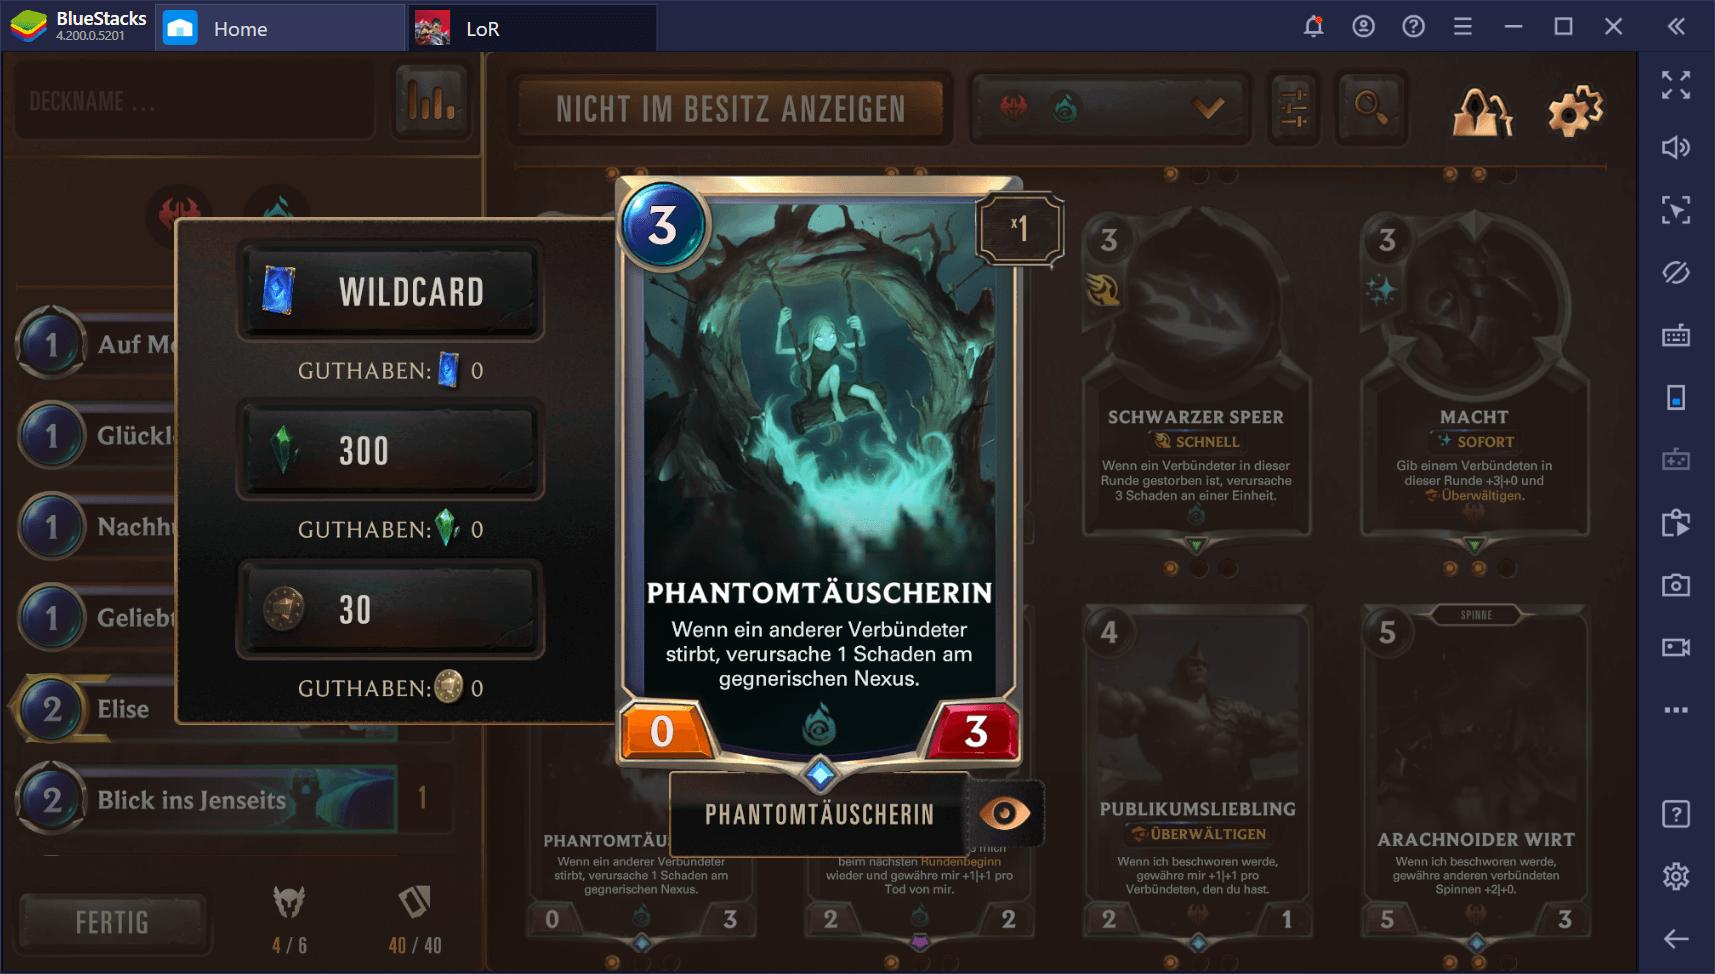 Legends of Runeterra auf dem PC – Eine Einführung in die verschiedenen Regionen